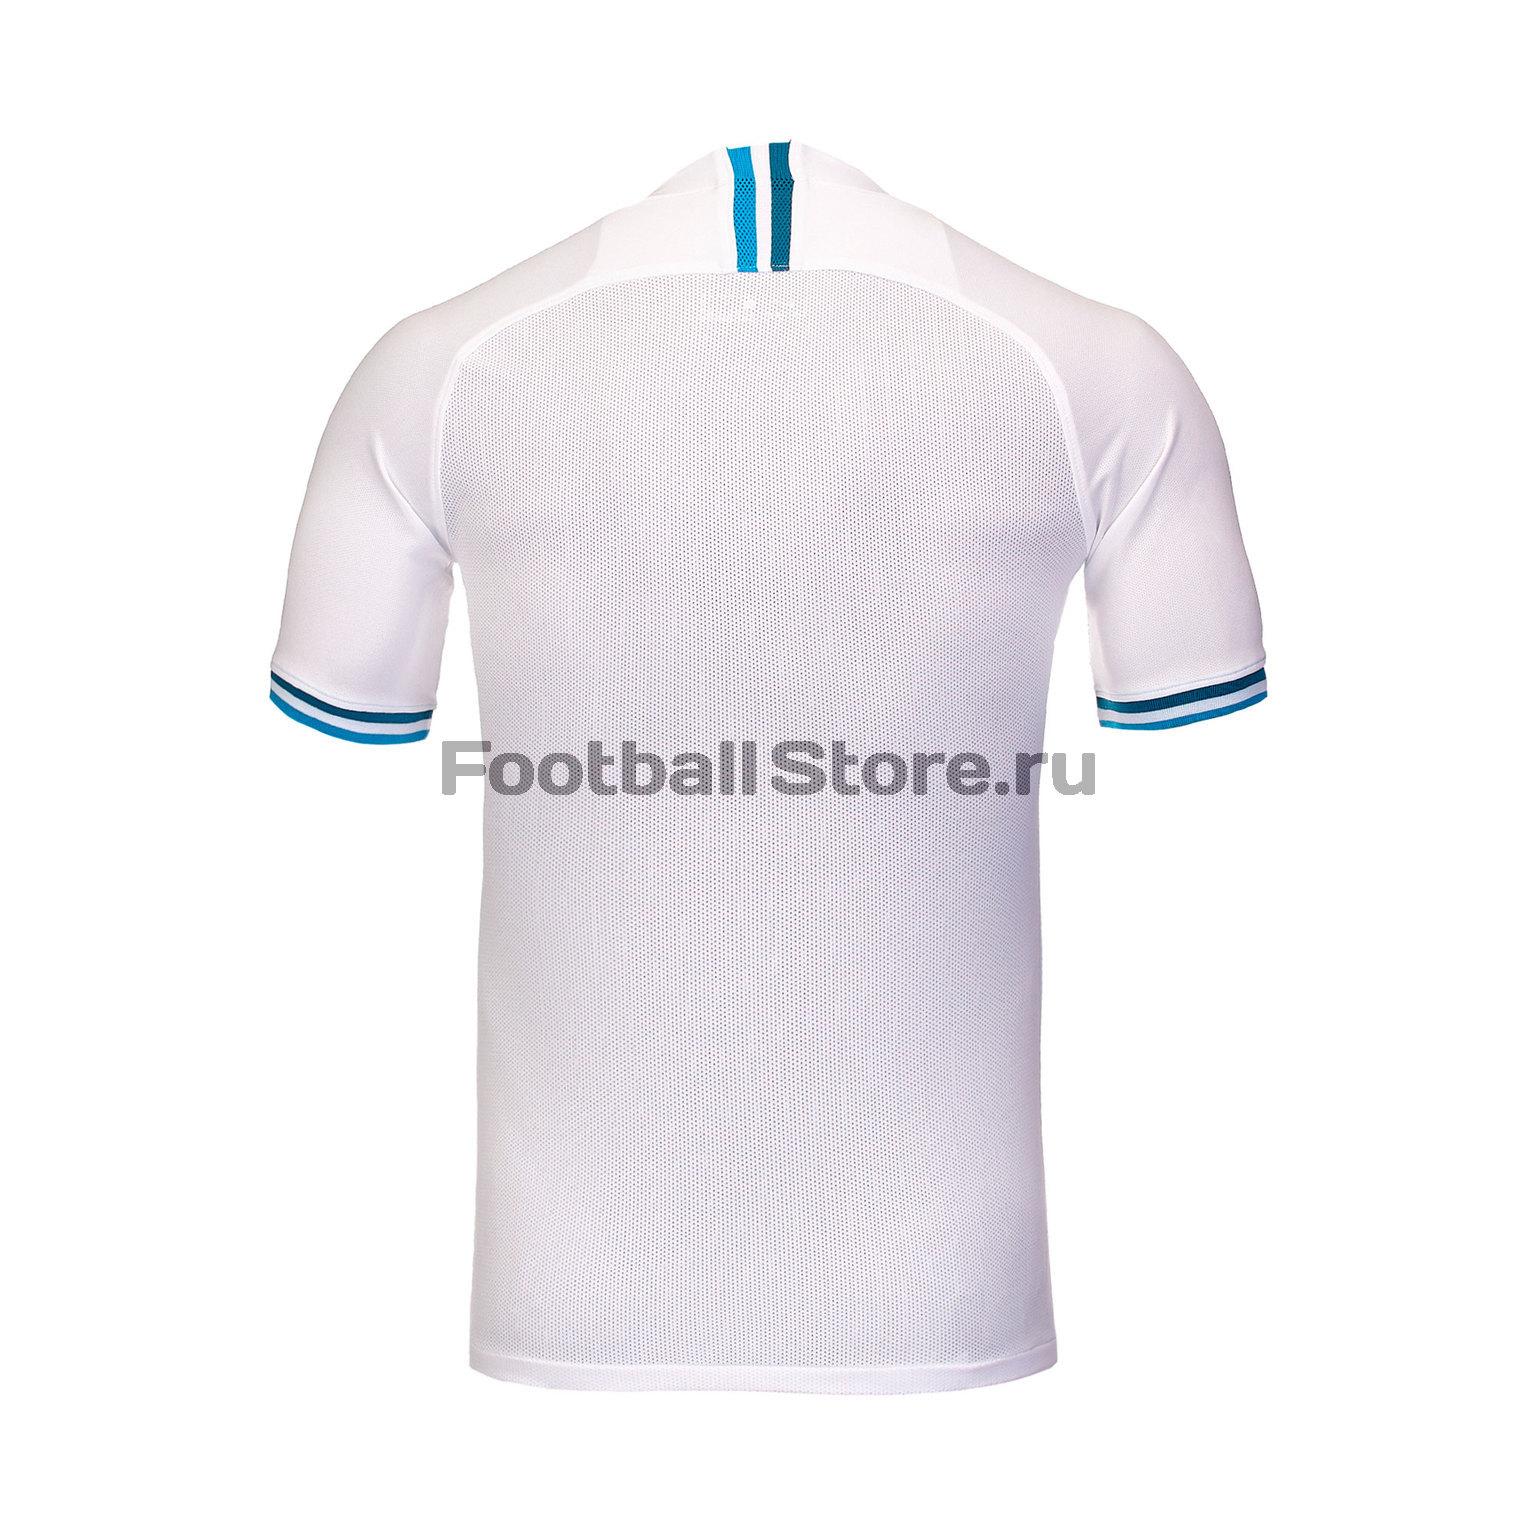 34b4e48da901f Оригинальная выездная футболка Nike ФК